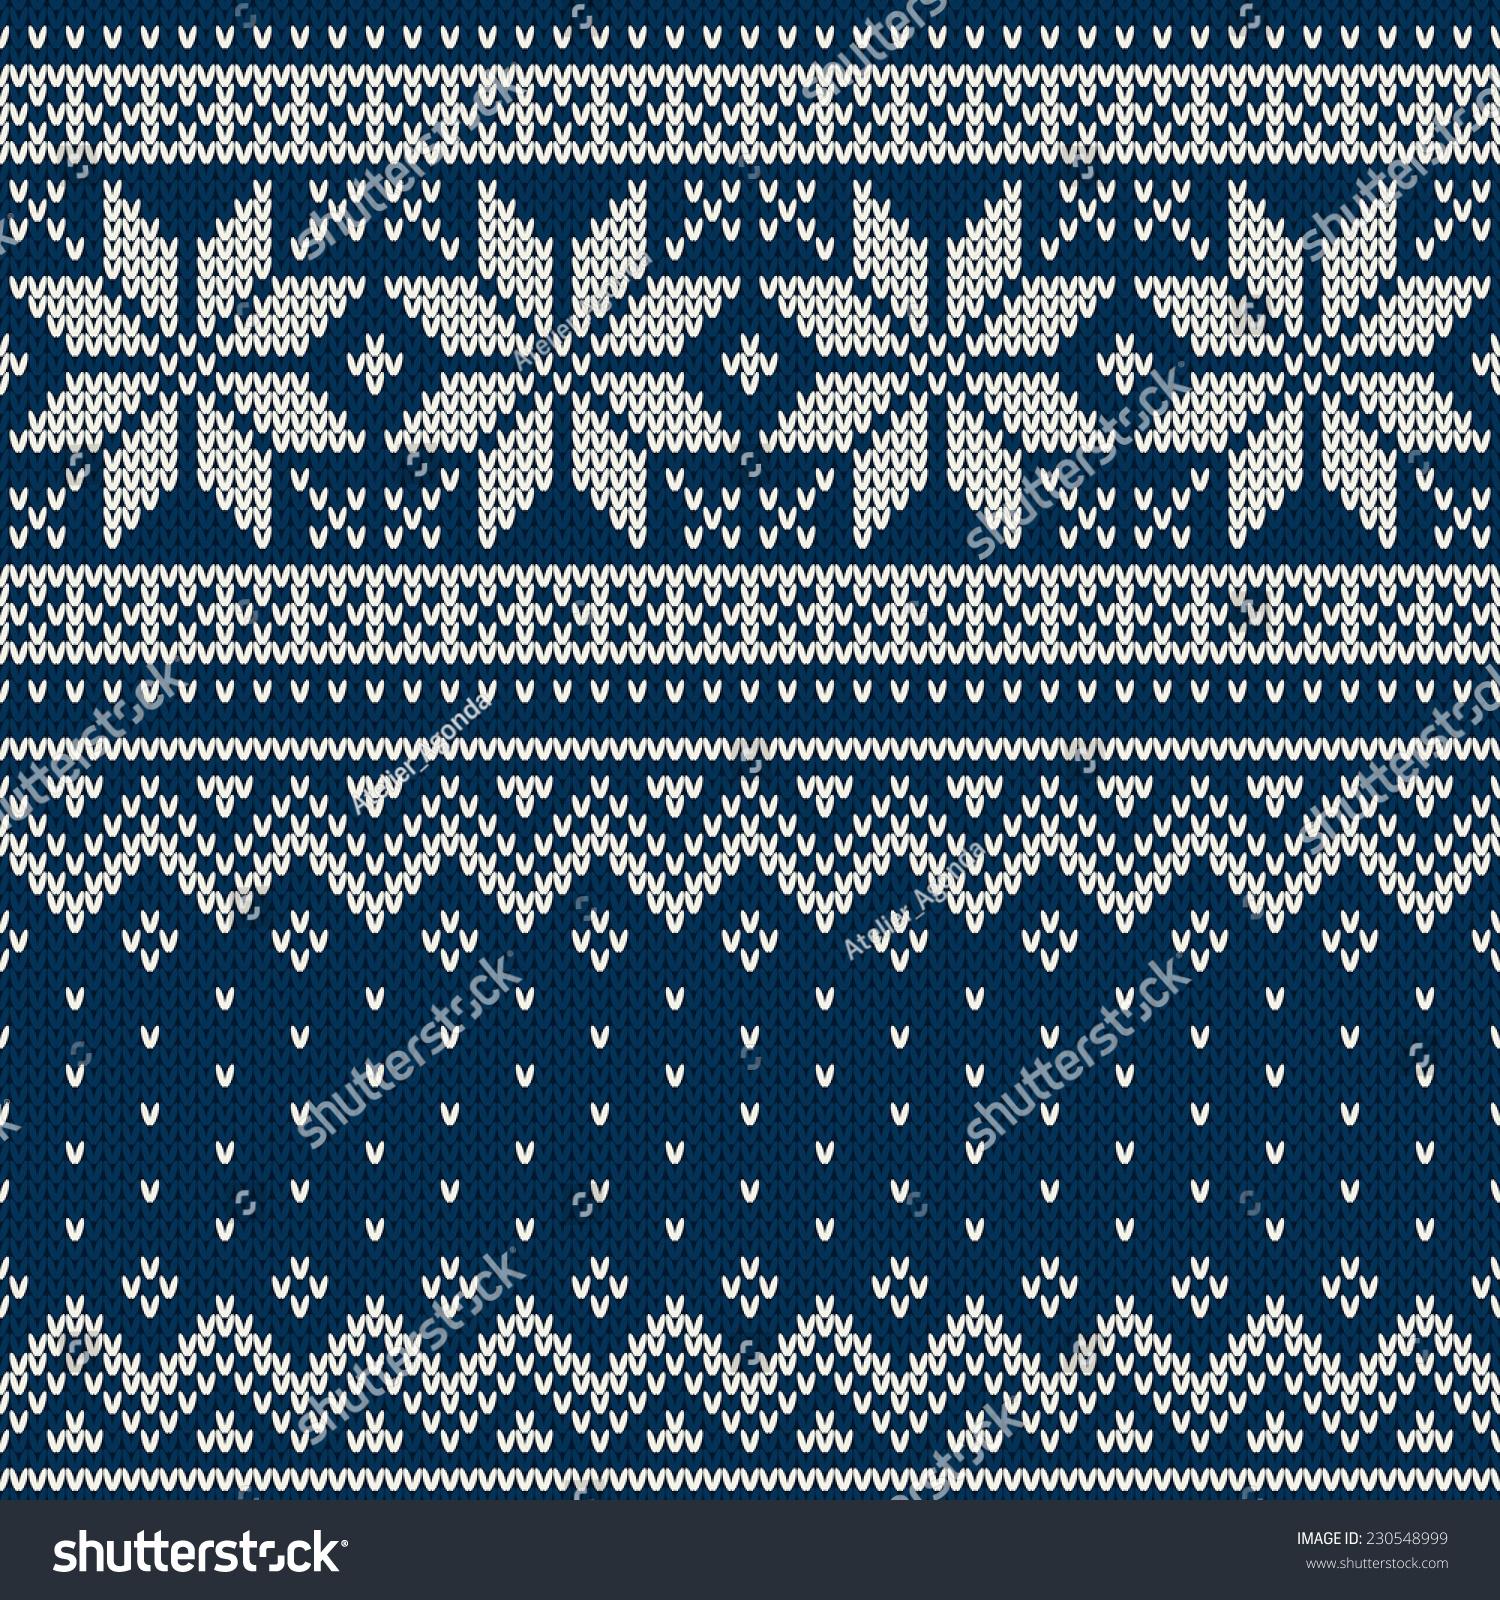 Drawing Knitting Pattern : Christmas sweater design seamless knitting pattern stock